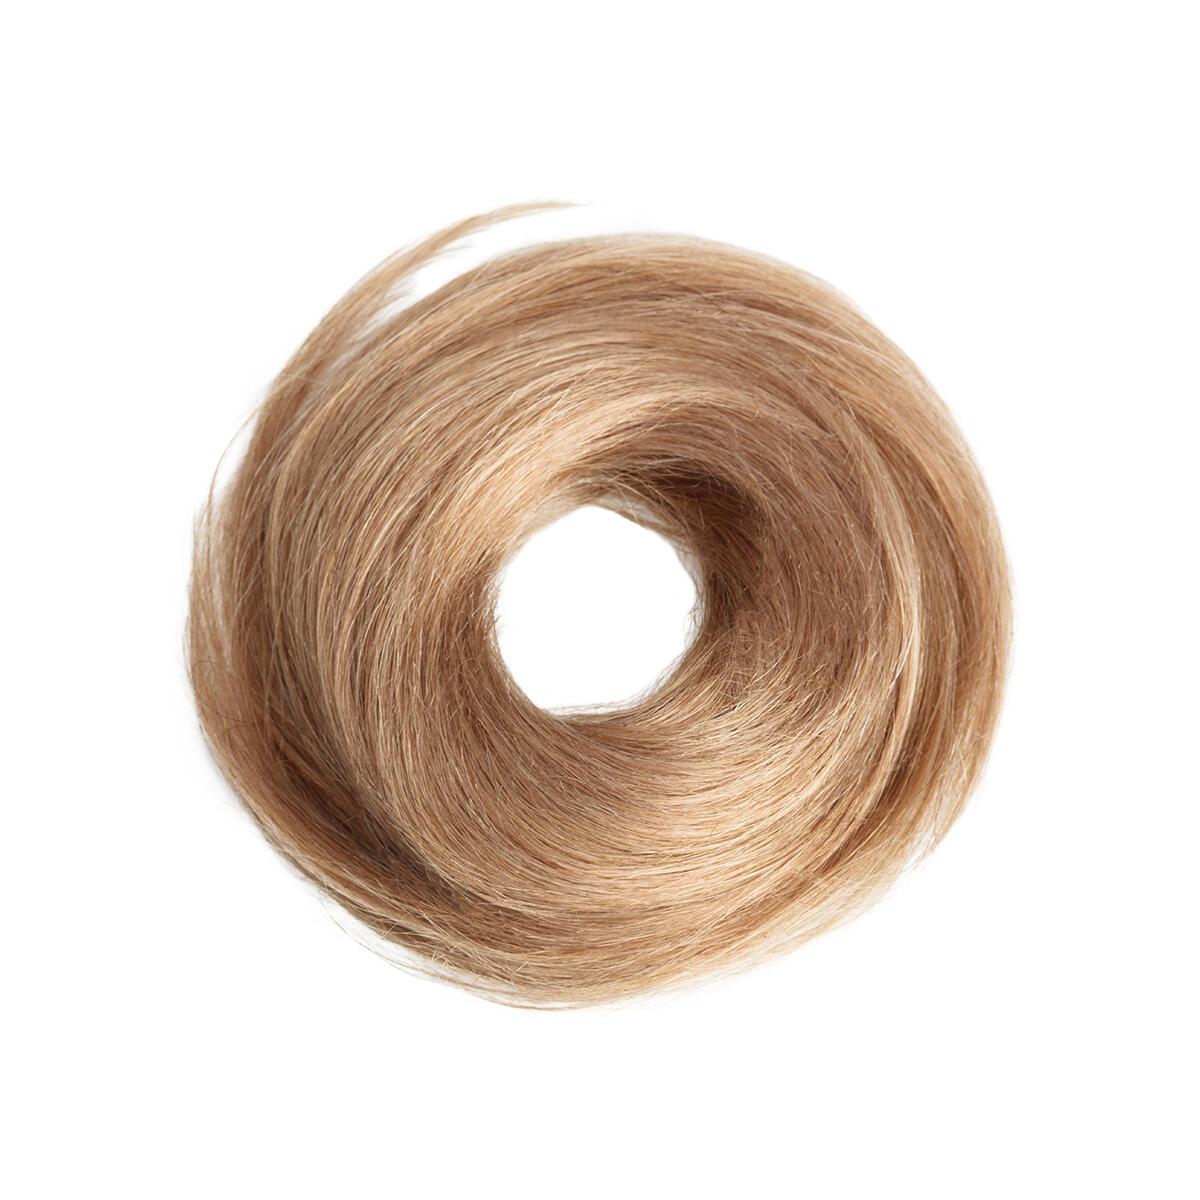 Volume Hair Scrunchie Original 40 g 7.3 Cendre Ash 0 cm